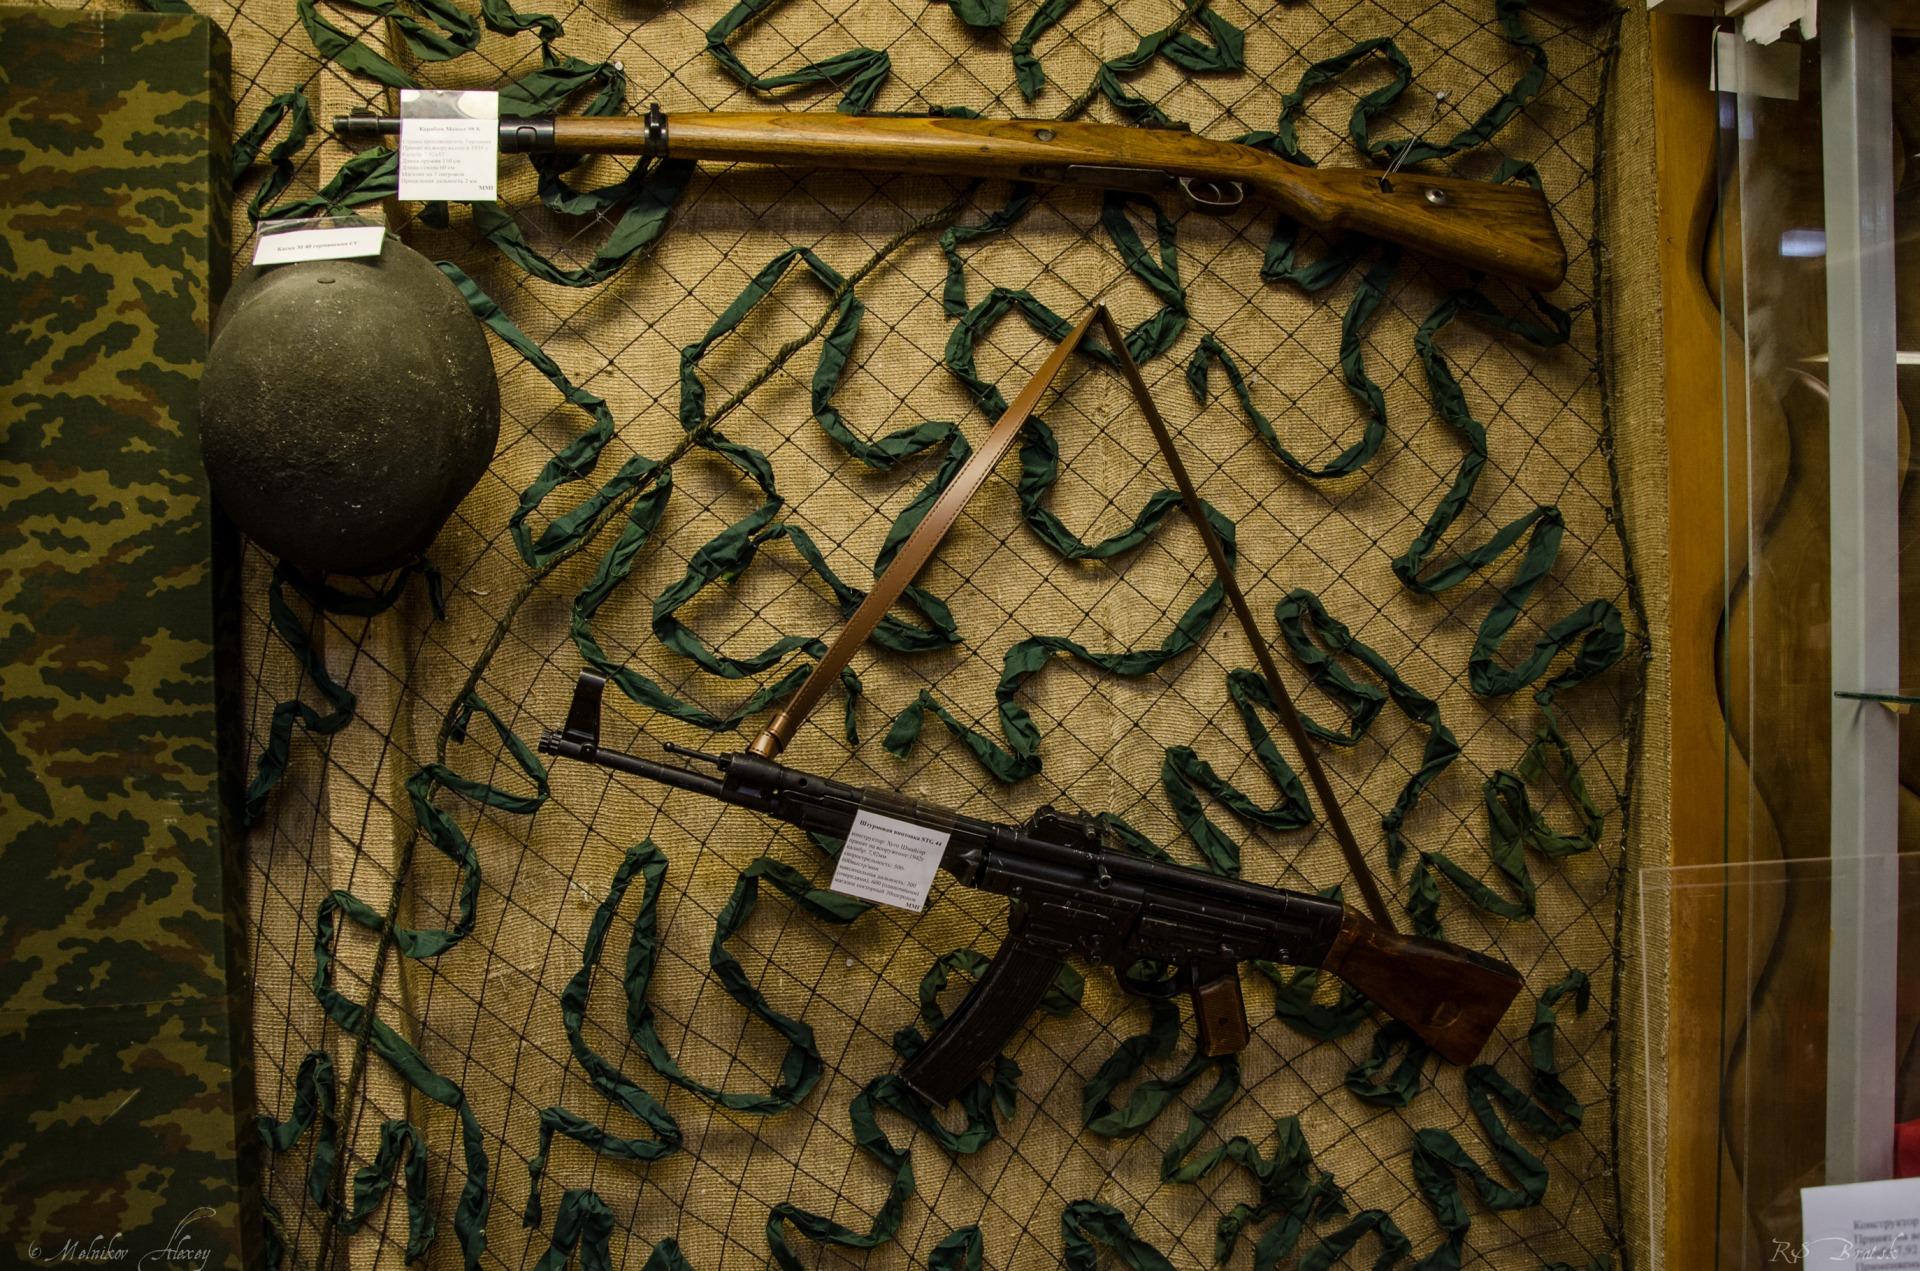 немецкая винтовка mauser 98k и представлена штурмовая винтовка STG 44